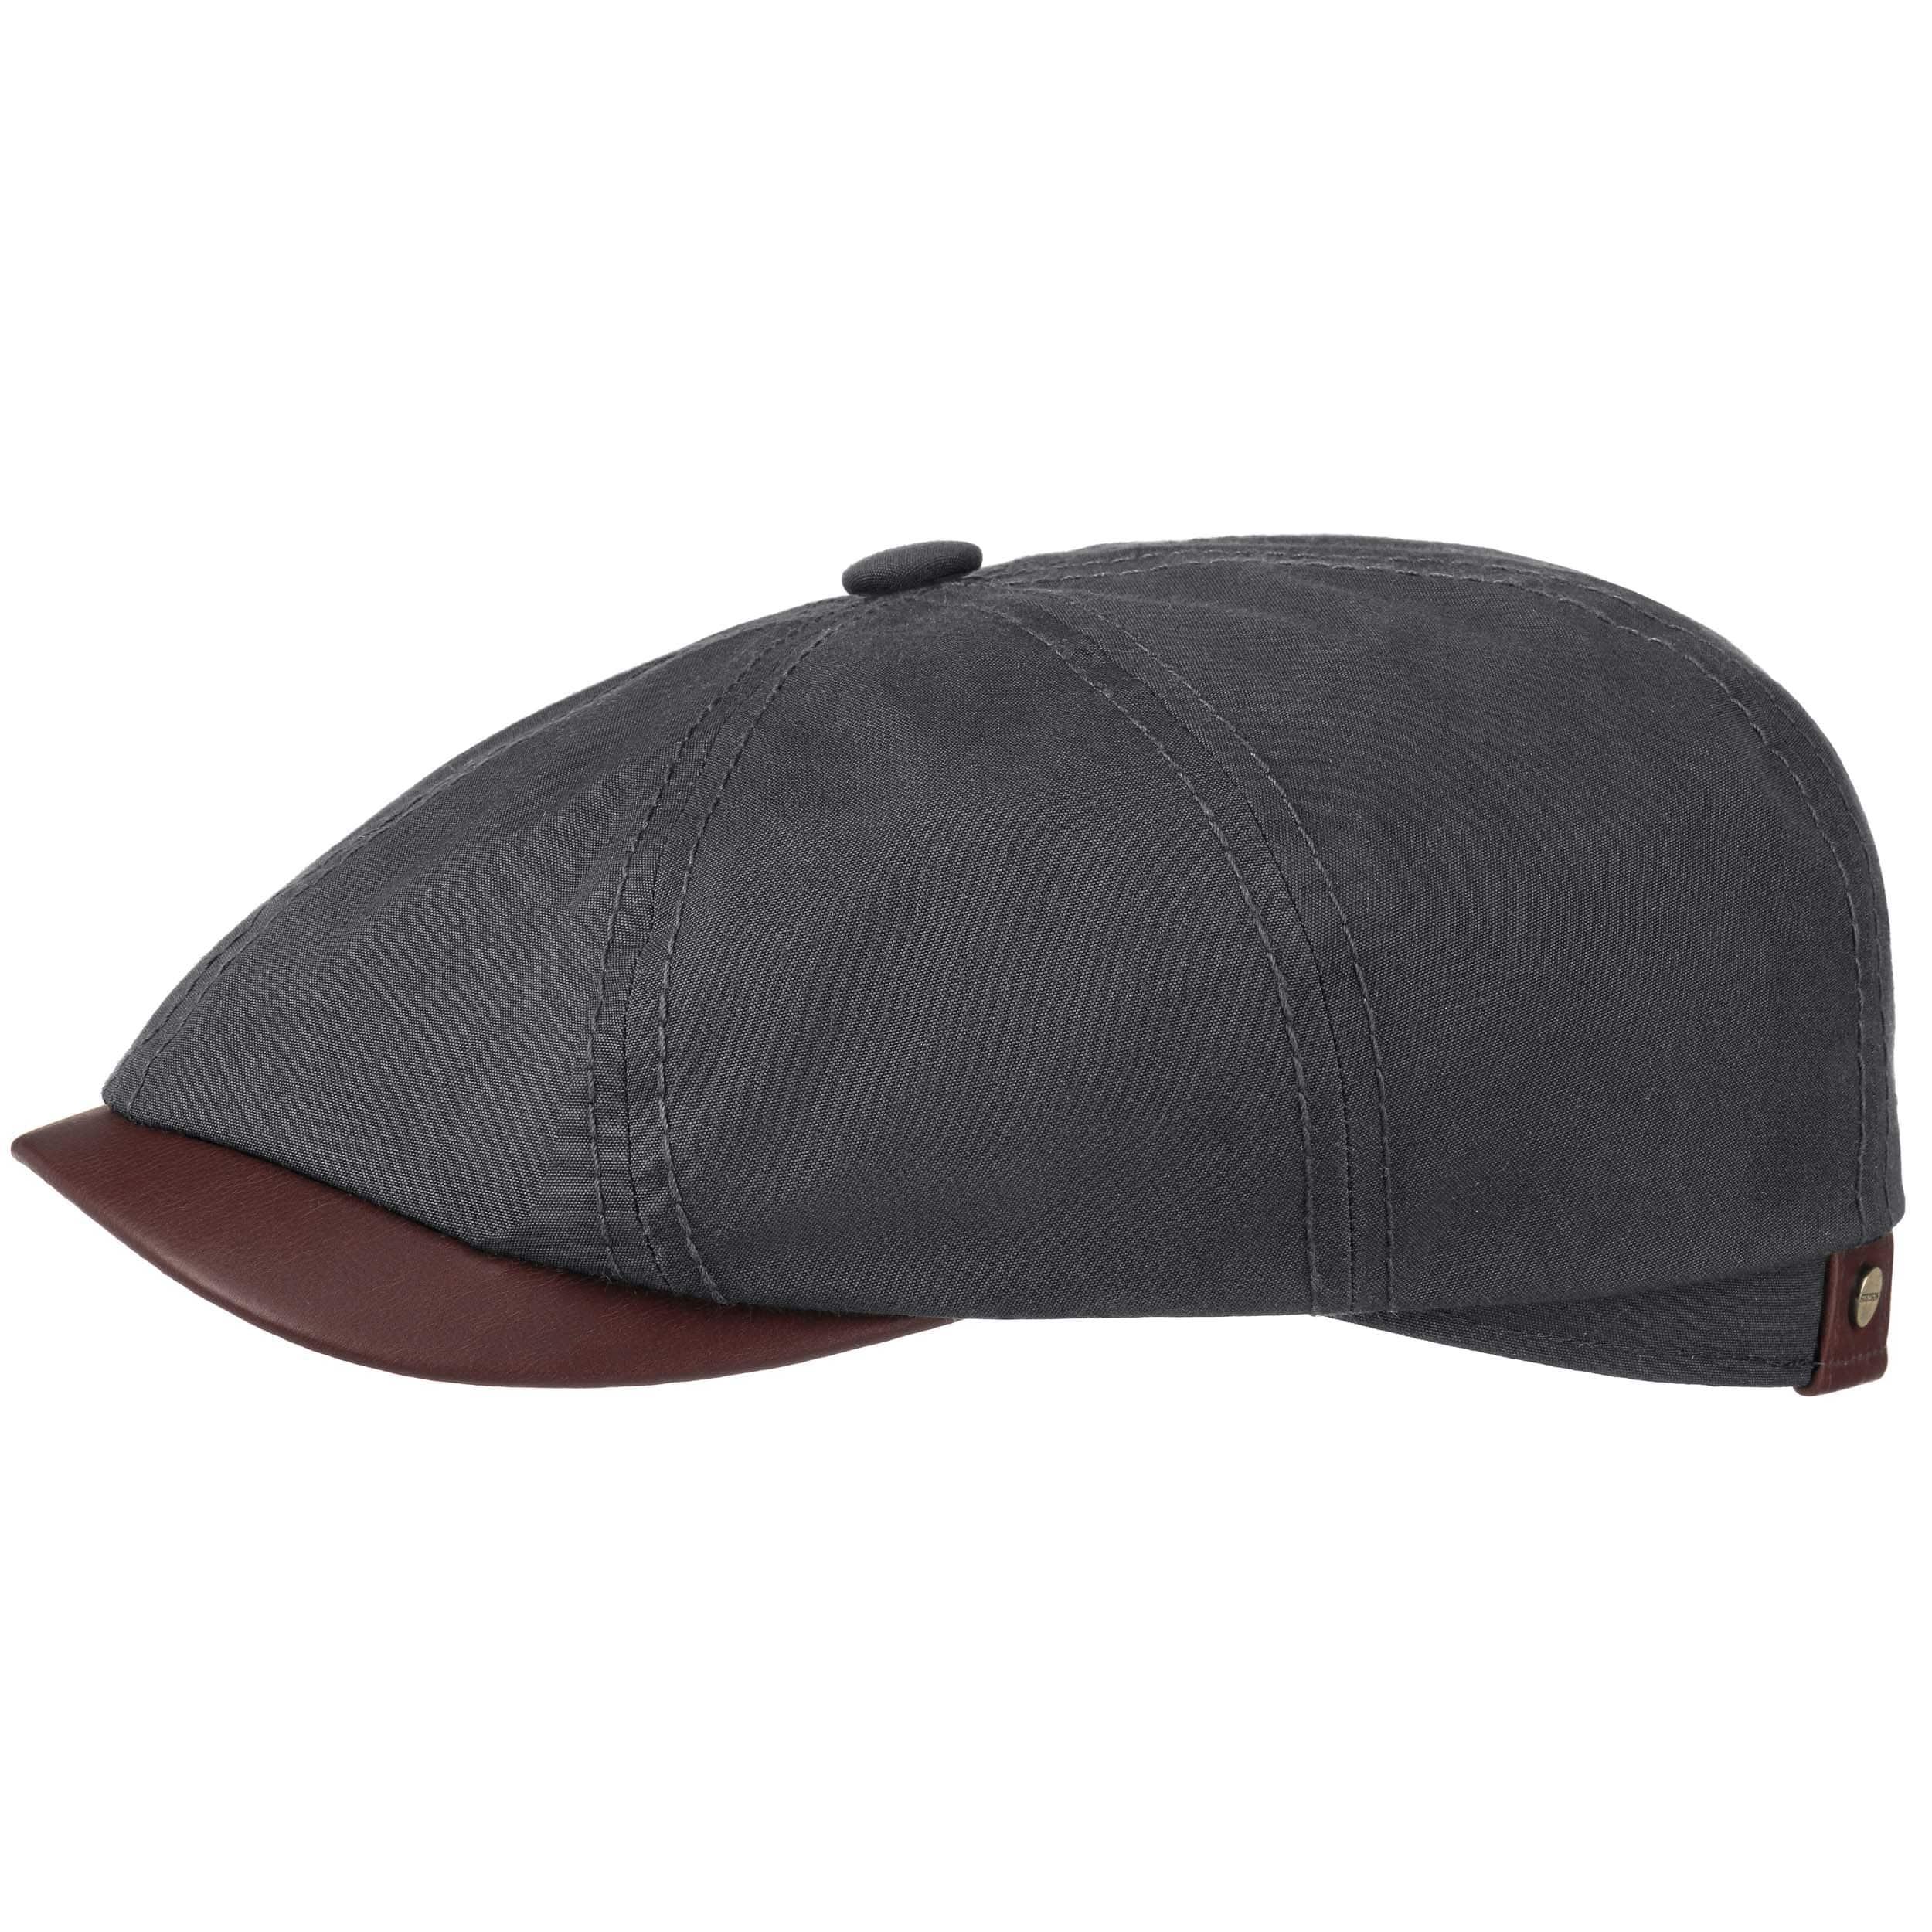 71e03e53fa3a8 ... marrón oscuro 4 · Sombrero Western Buffalo Leather by Stetson - 1 ...